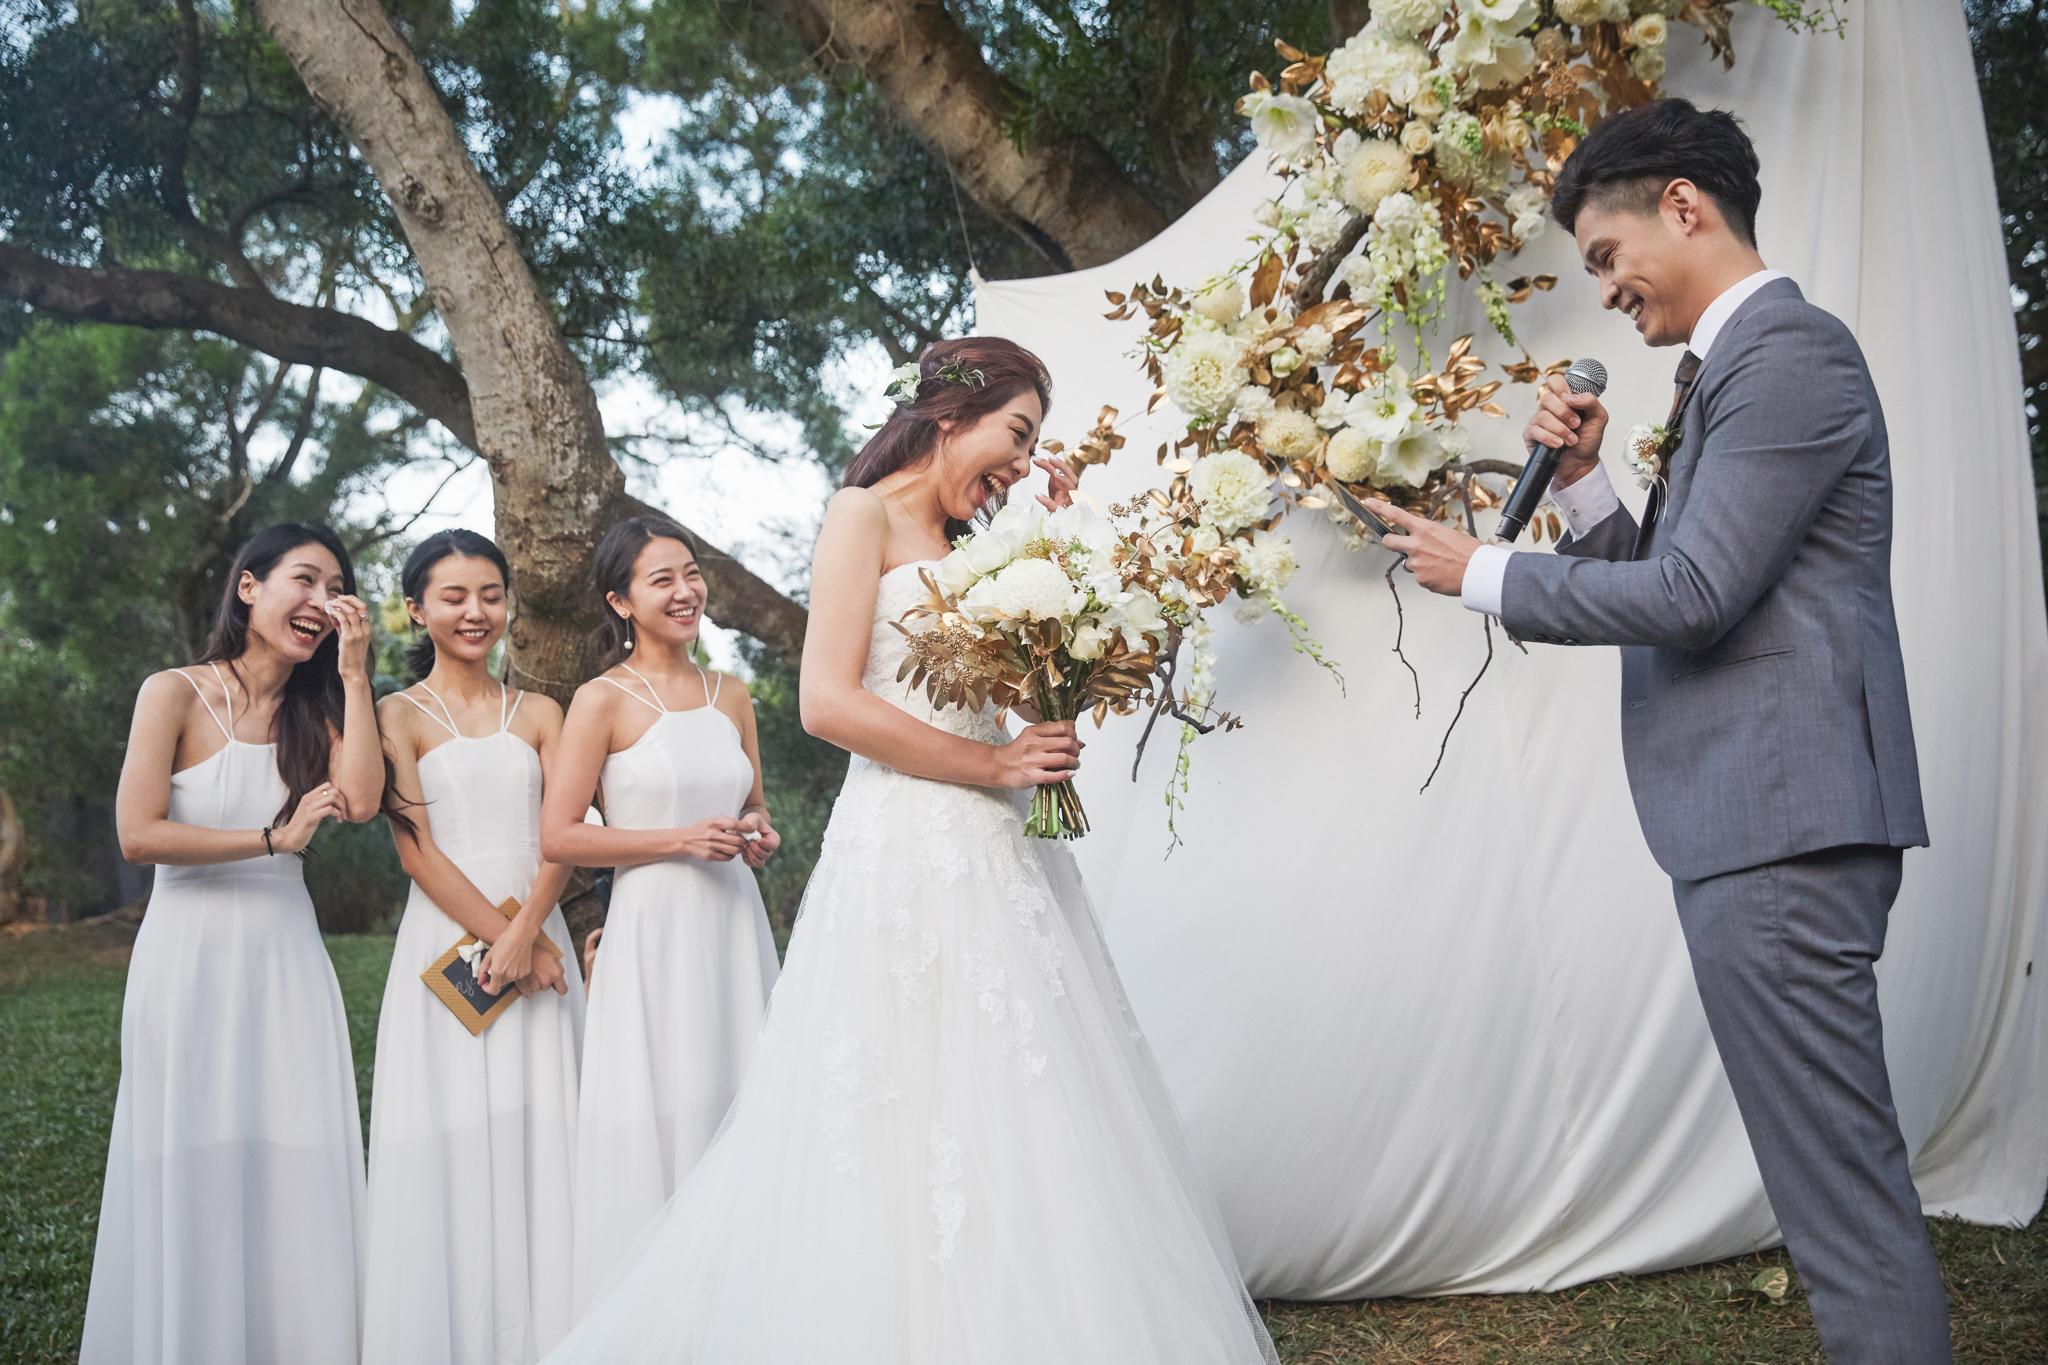 顏牧牧場婚禮, 婚攝推薦,台中婚攝,後院婚禮,戶外婚禮,美式婚禮-62